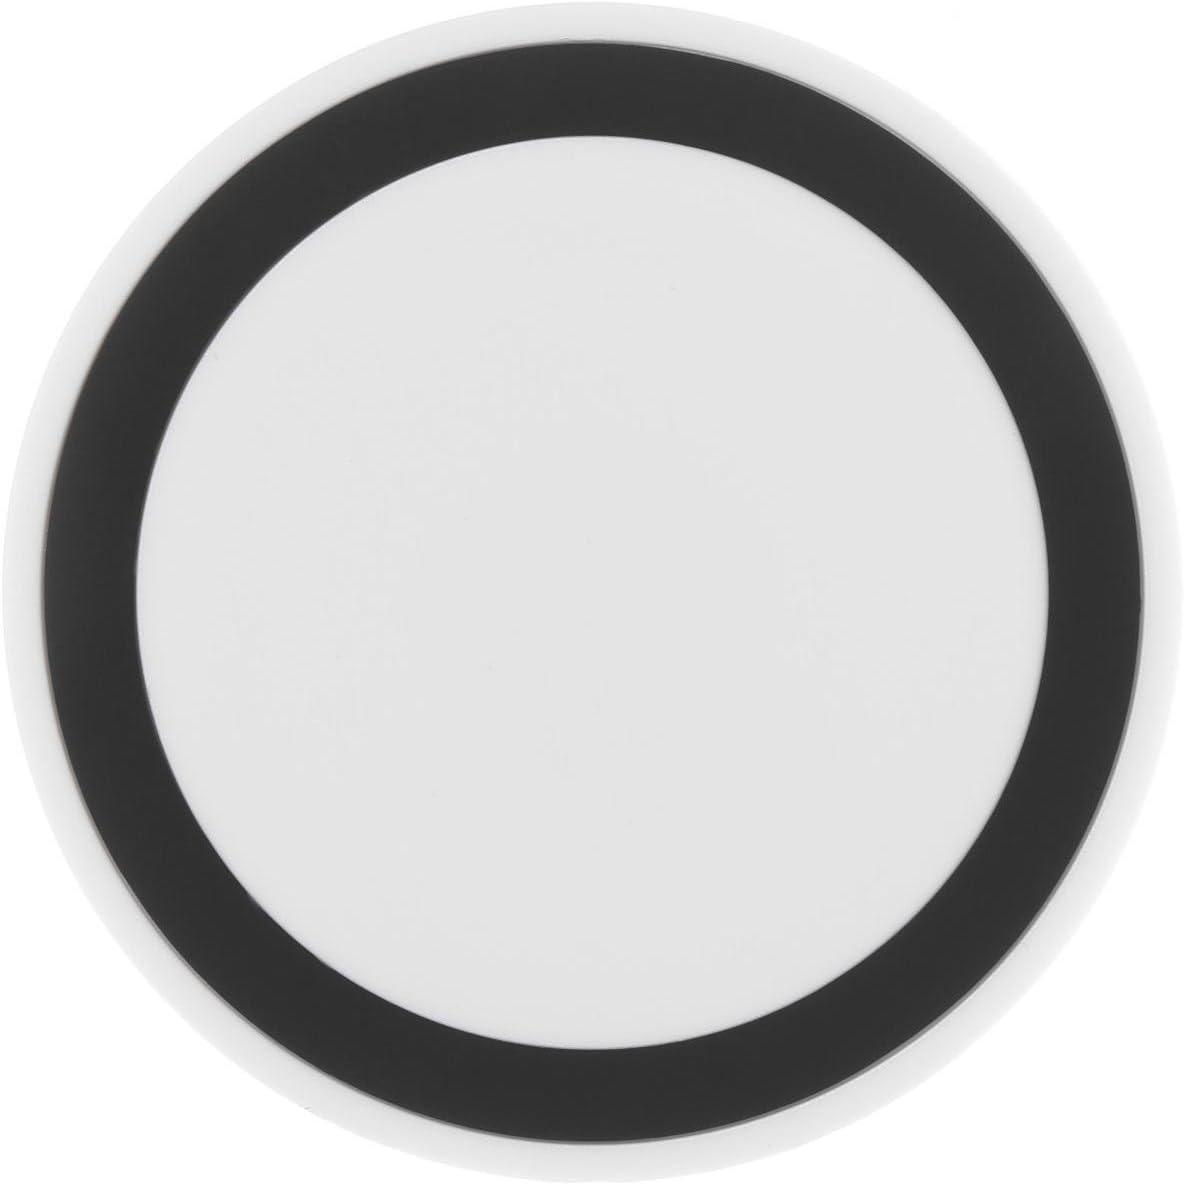 Pongaps Cargador inalámbrico del teléfono de la Almohadilla de Carga inalámbrica para Samsung Android Cargadores por inducción